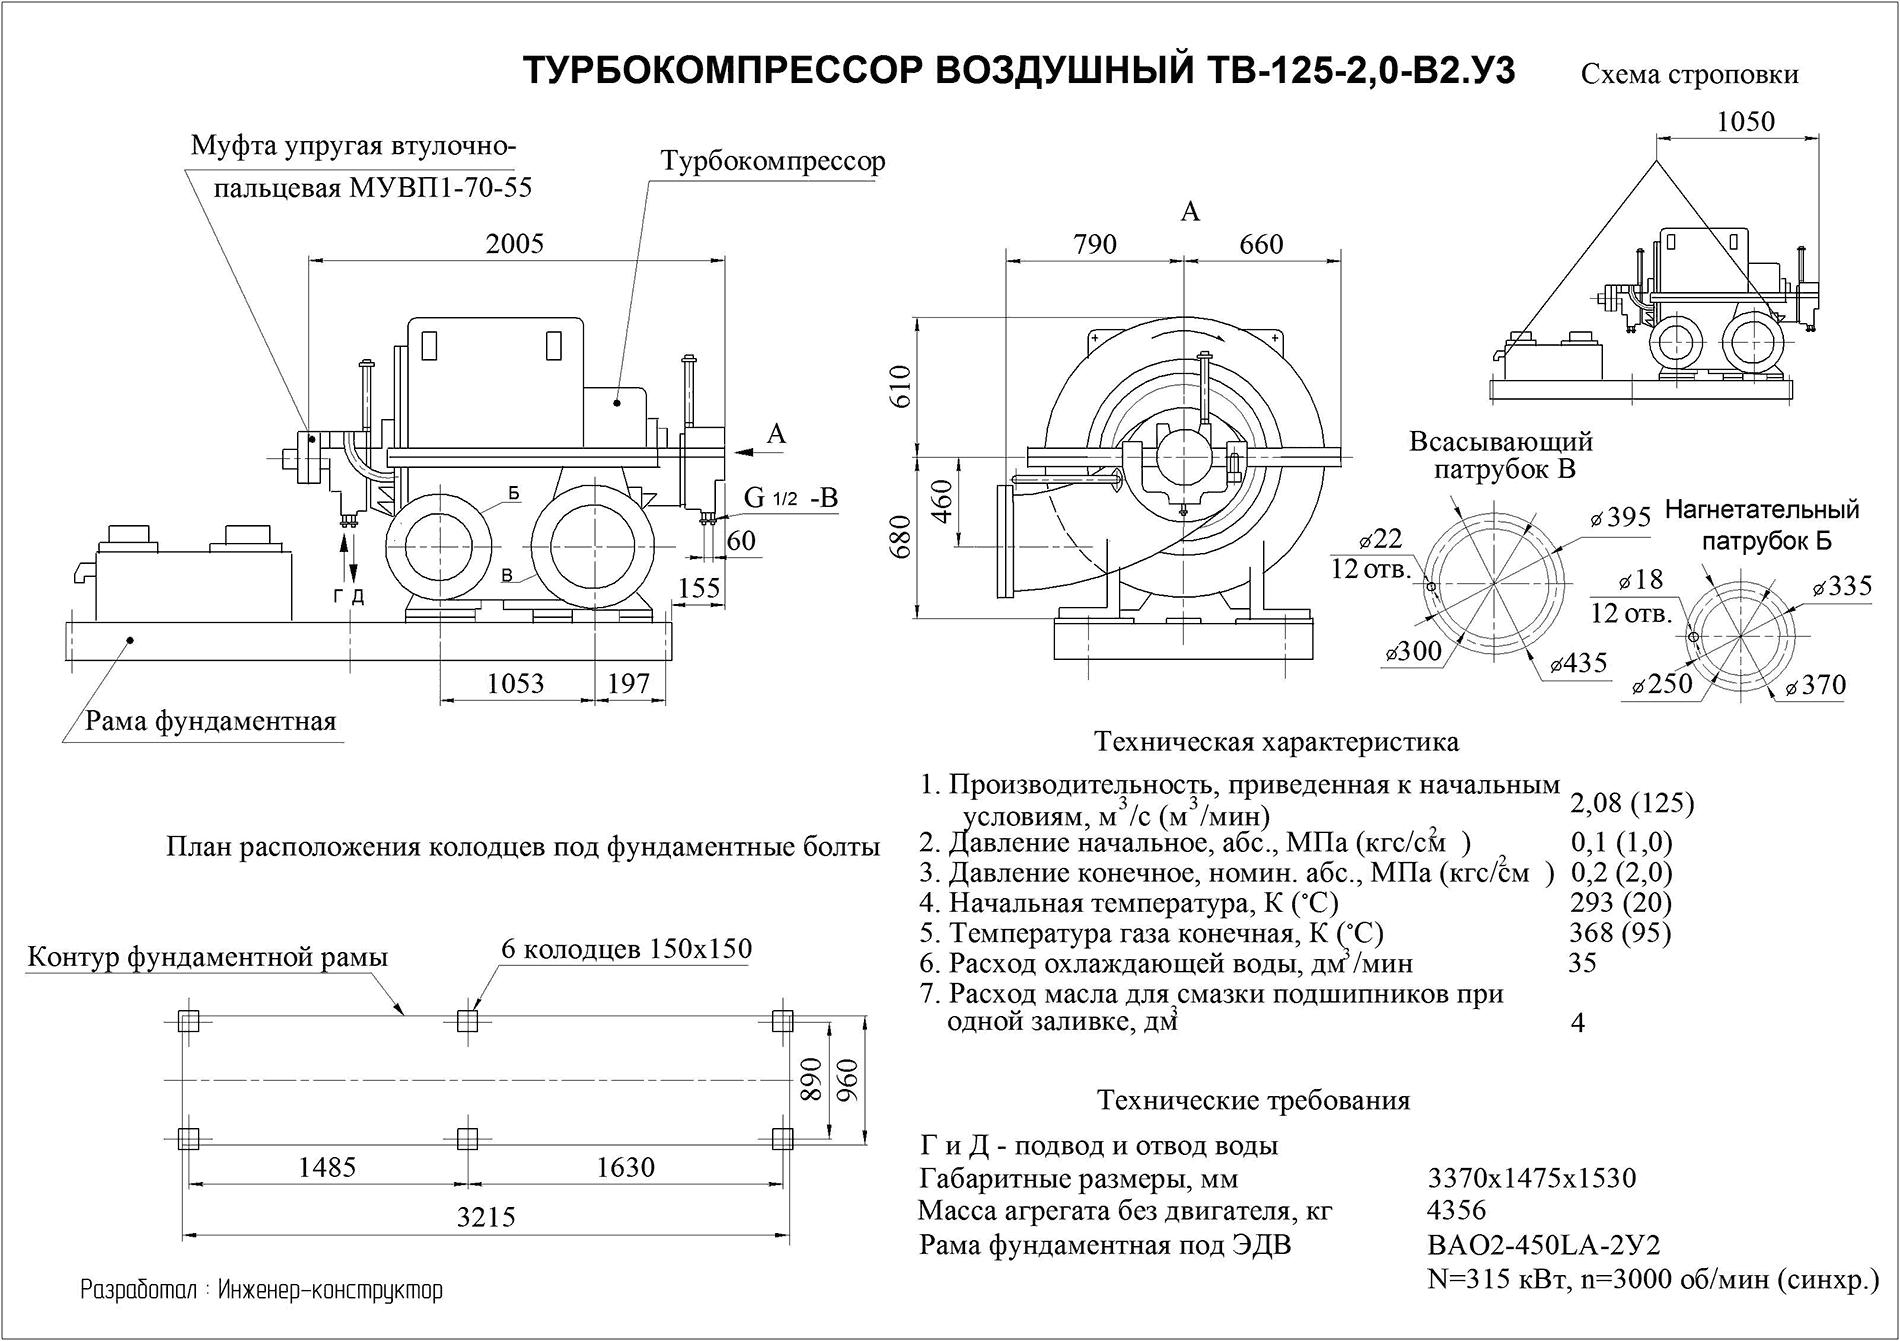 Техническое описание ТВ-125-5,5